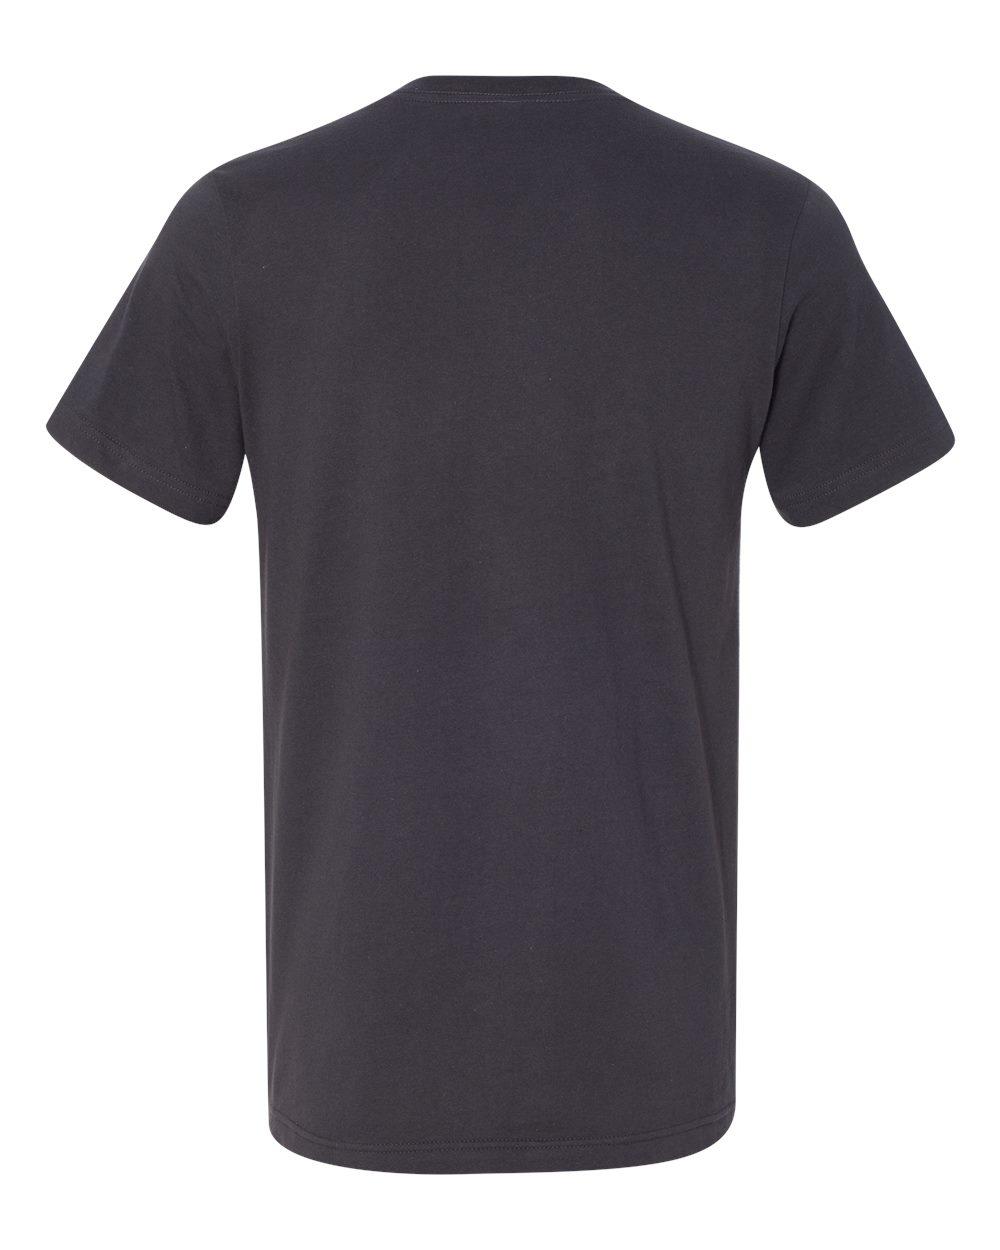 Bella-Canvas-Men-039-s-Jersey-Short-Sleeve-V-Neck-T-Shirt-3005-XS-3XL thumbnail 116